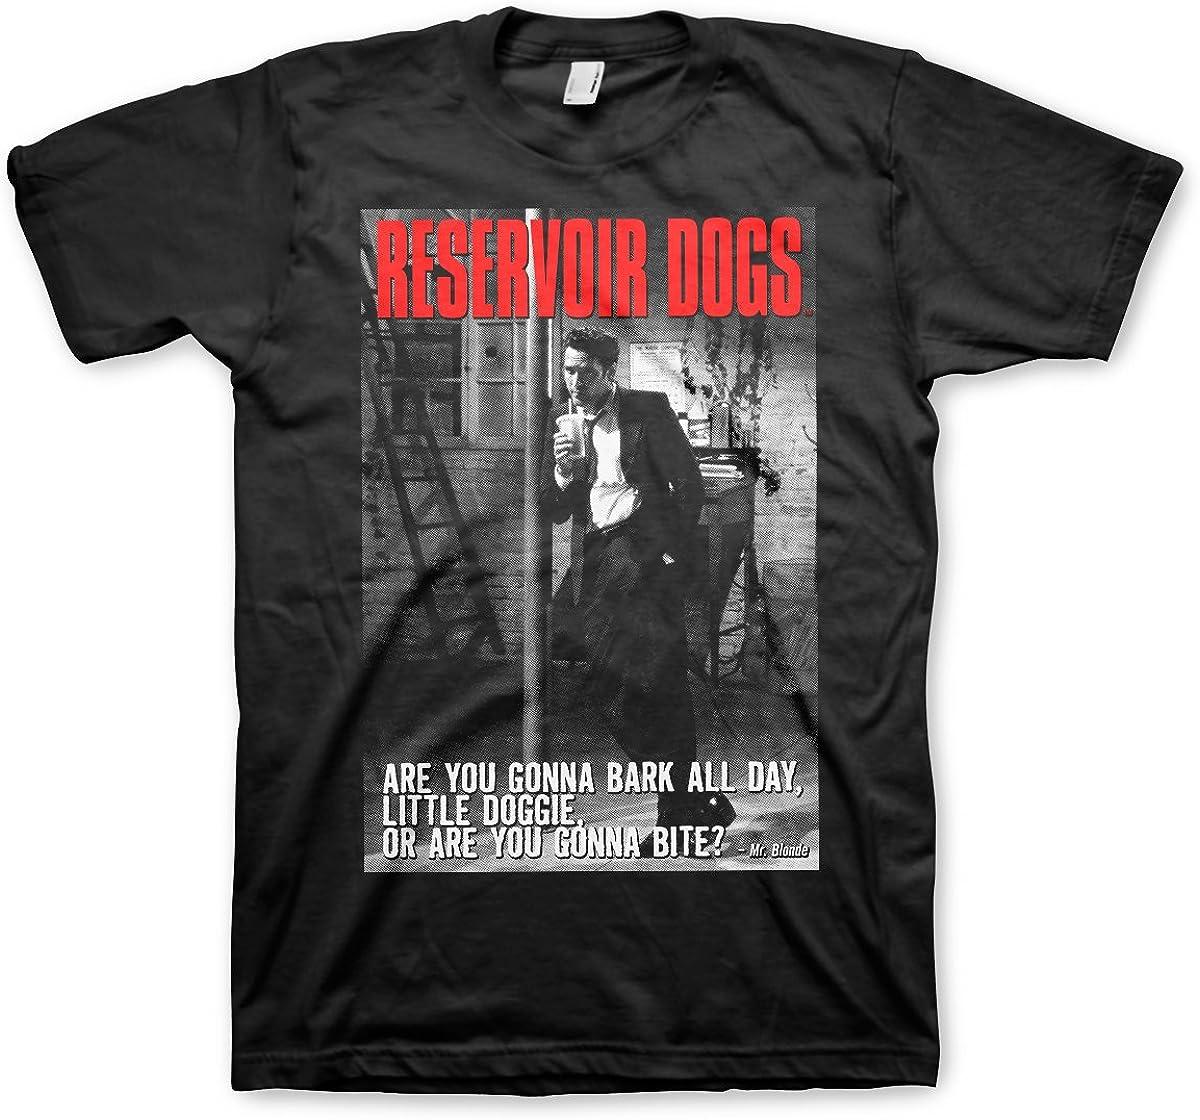 Reservoir Dogs Oficialmente Licenciado Are You Gonna Bite Hombre Camiseta (Negro)